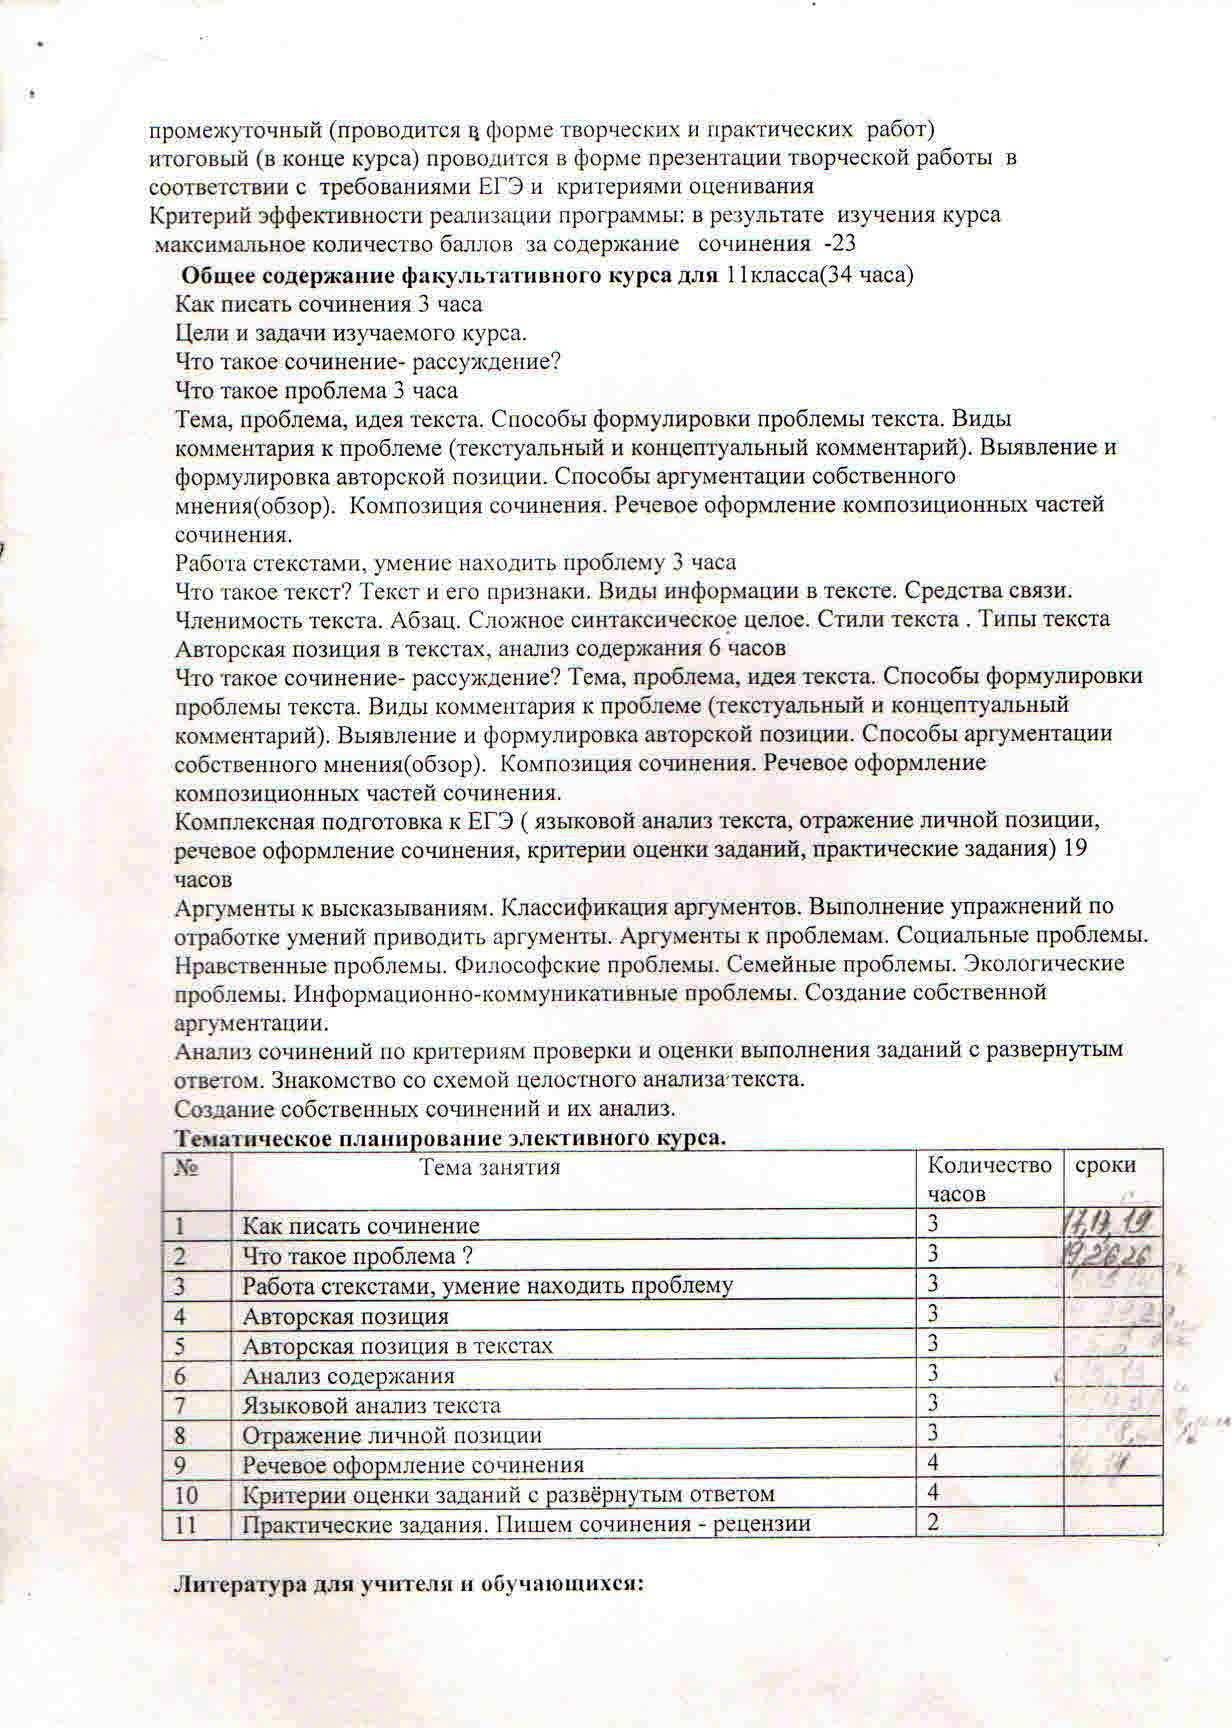 C:\Users\Татьяна\Desktop\программа факультативного курса по русскому языку Учимся писать рецензию 11 класс\14.jpg